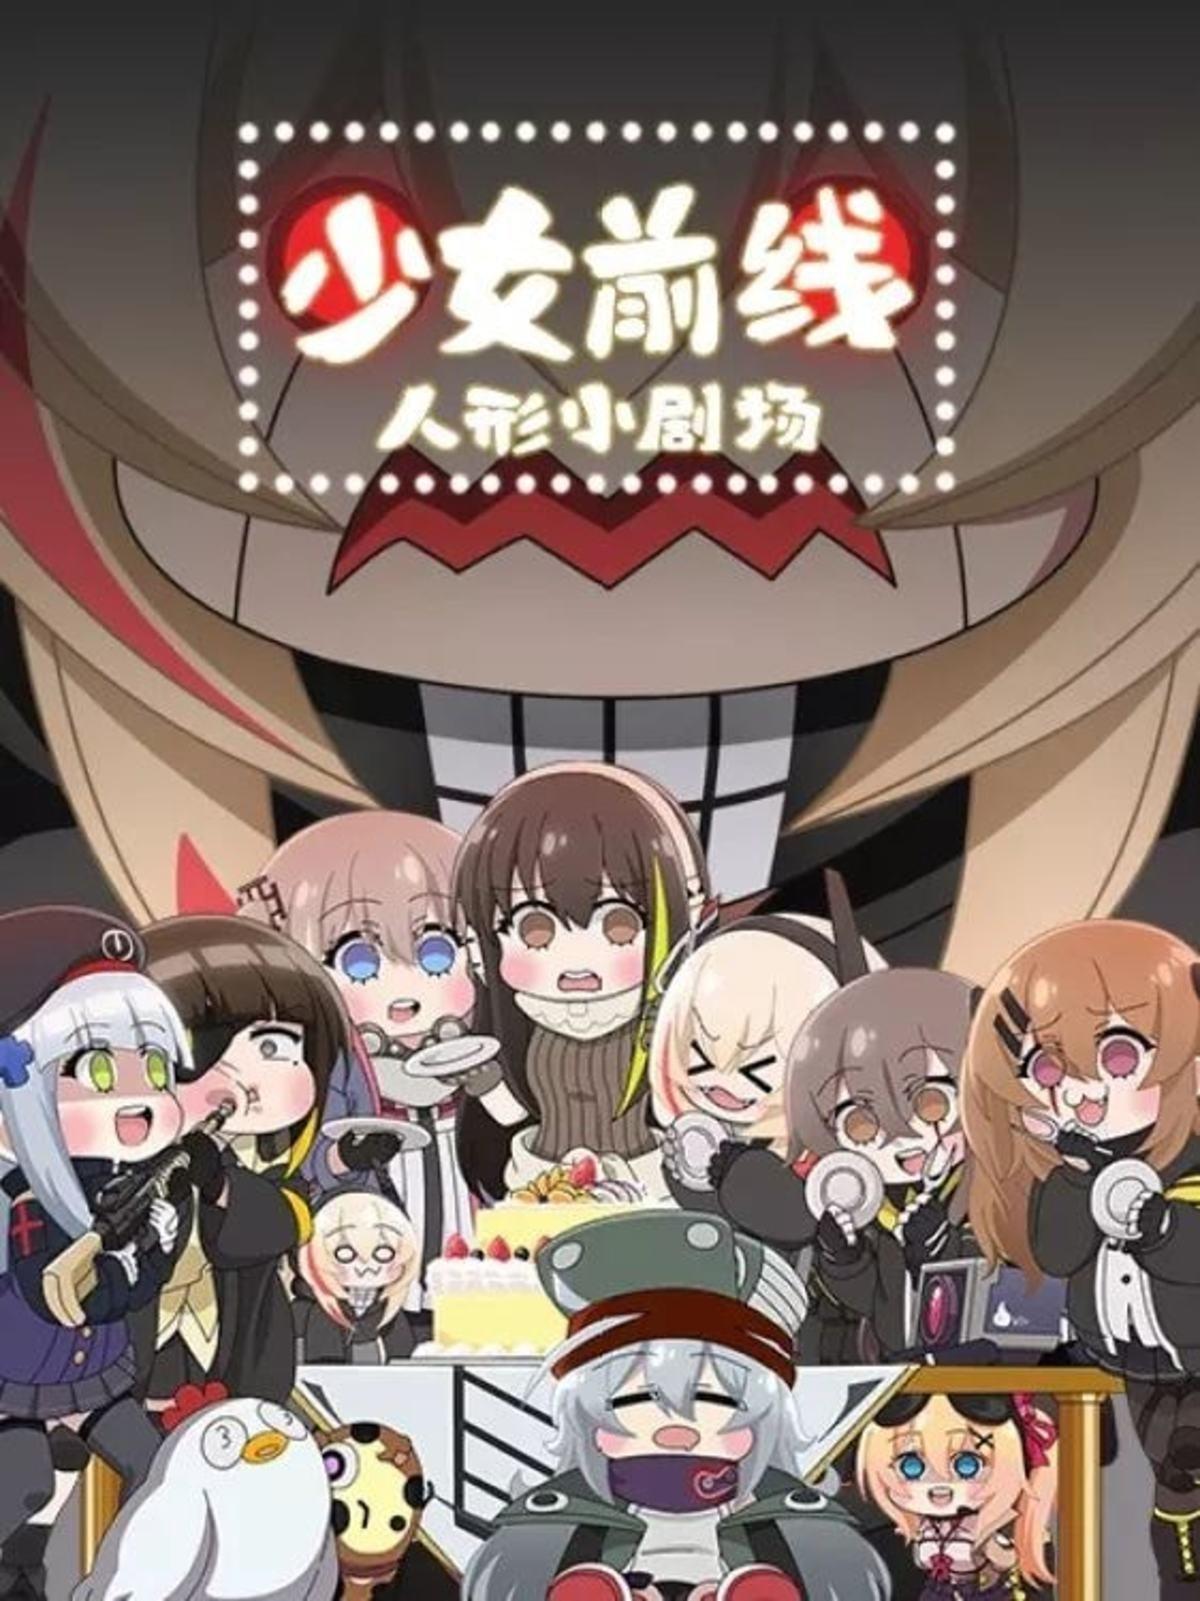 Girls' Frontline anime poster. join list: GirlsFrontline (512 subs)Mention Clicks: 78780Msgs Sent: 272170Mention History join list:.